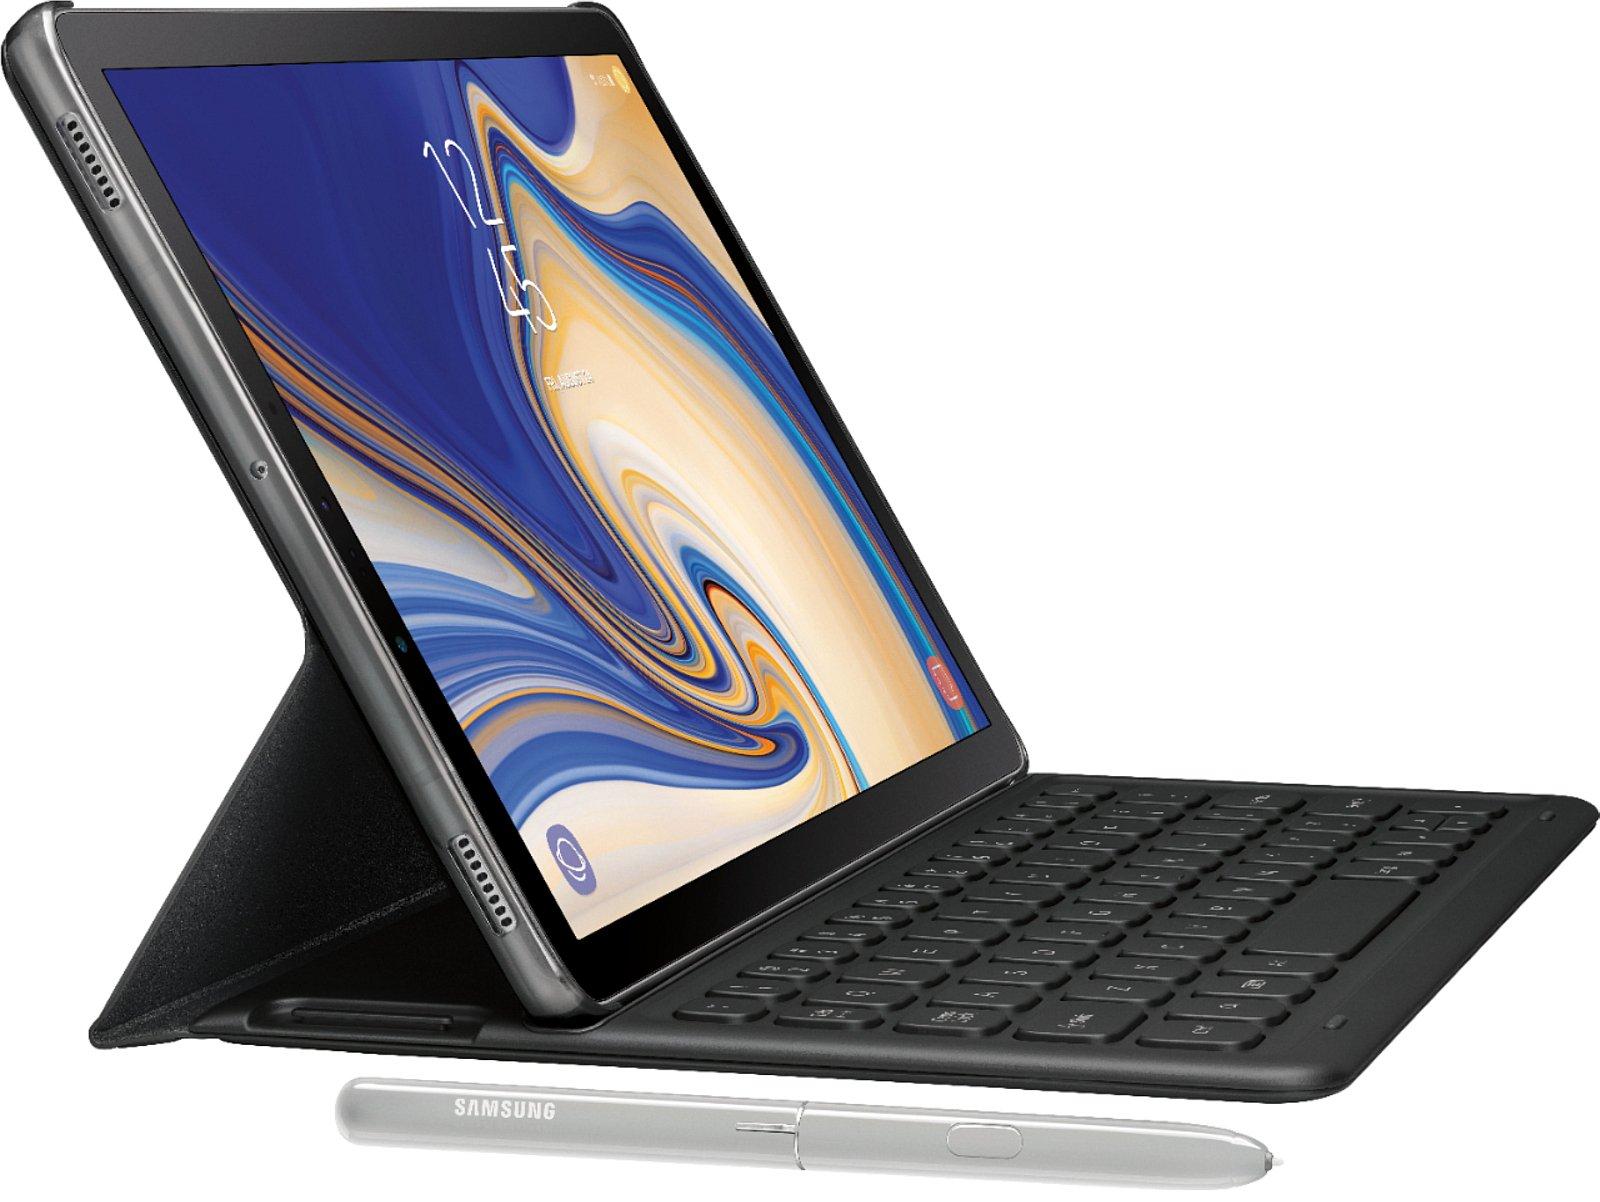 Samsung Galaxy Tab S4 : un rendu presse officiel montre son design avant l'annonce